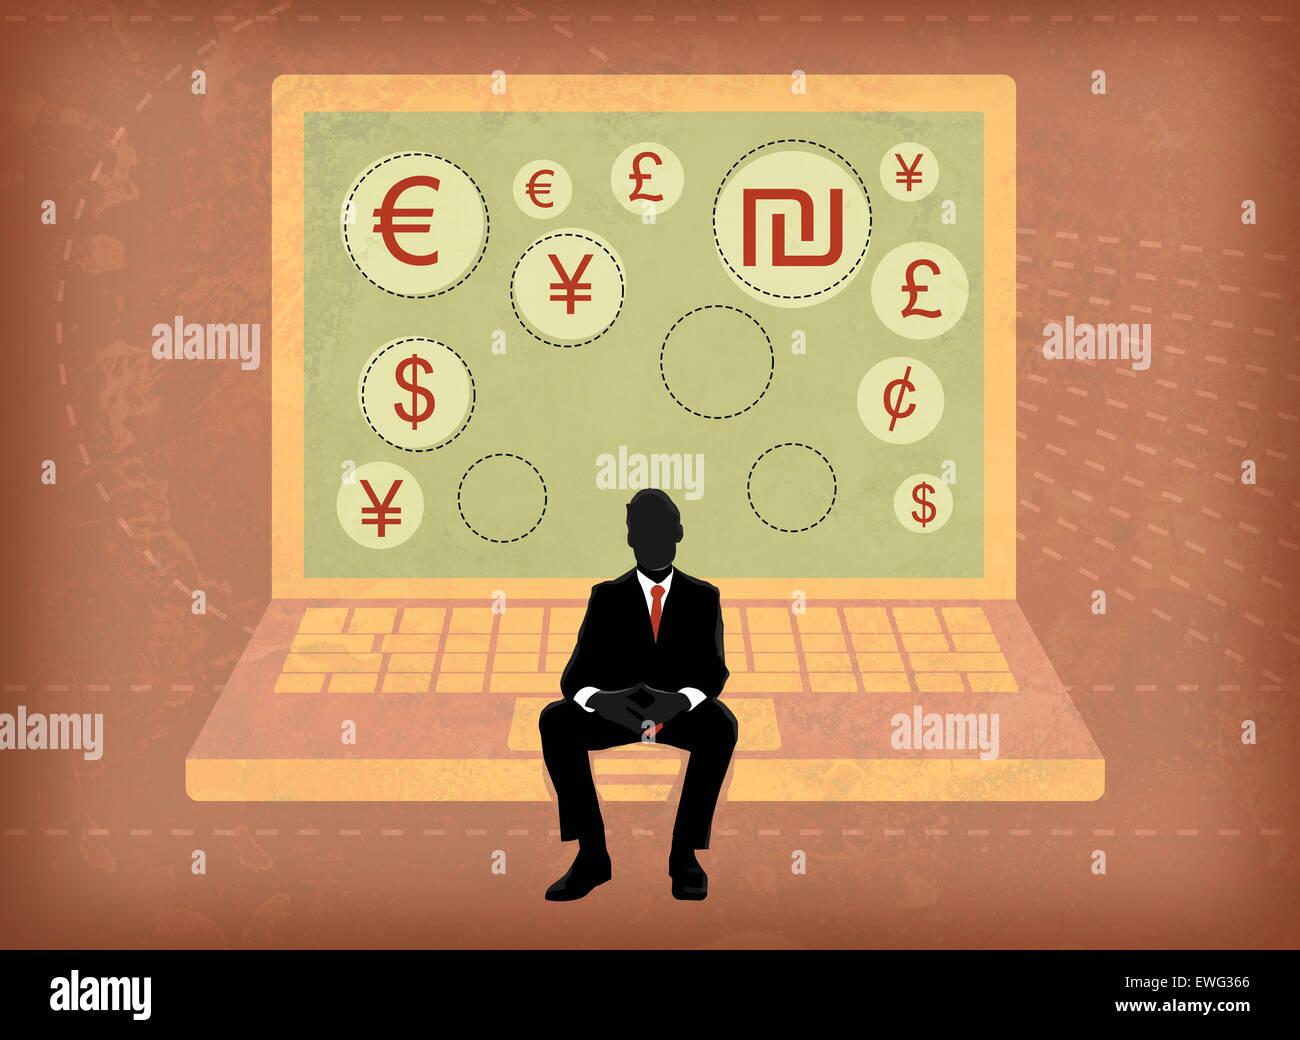 Portrait sur un écran d'ordinateur portable montrant les symboles monétaires mondiaux Banque D'Images